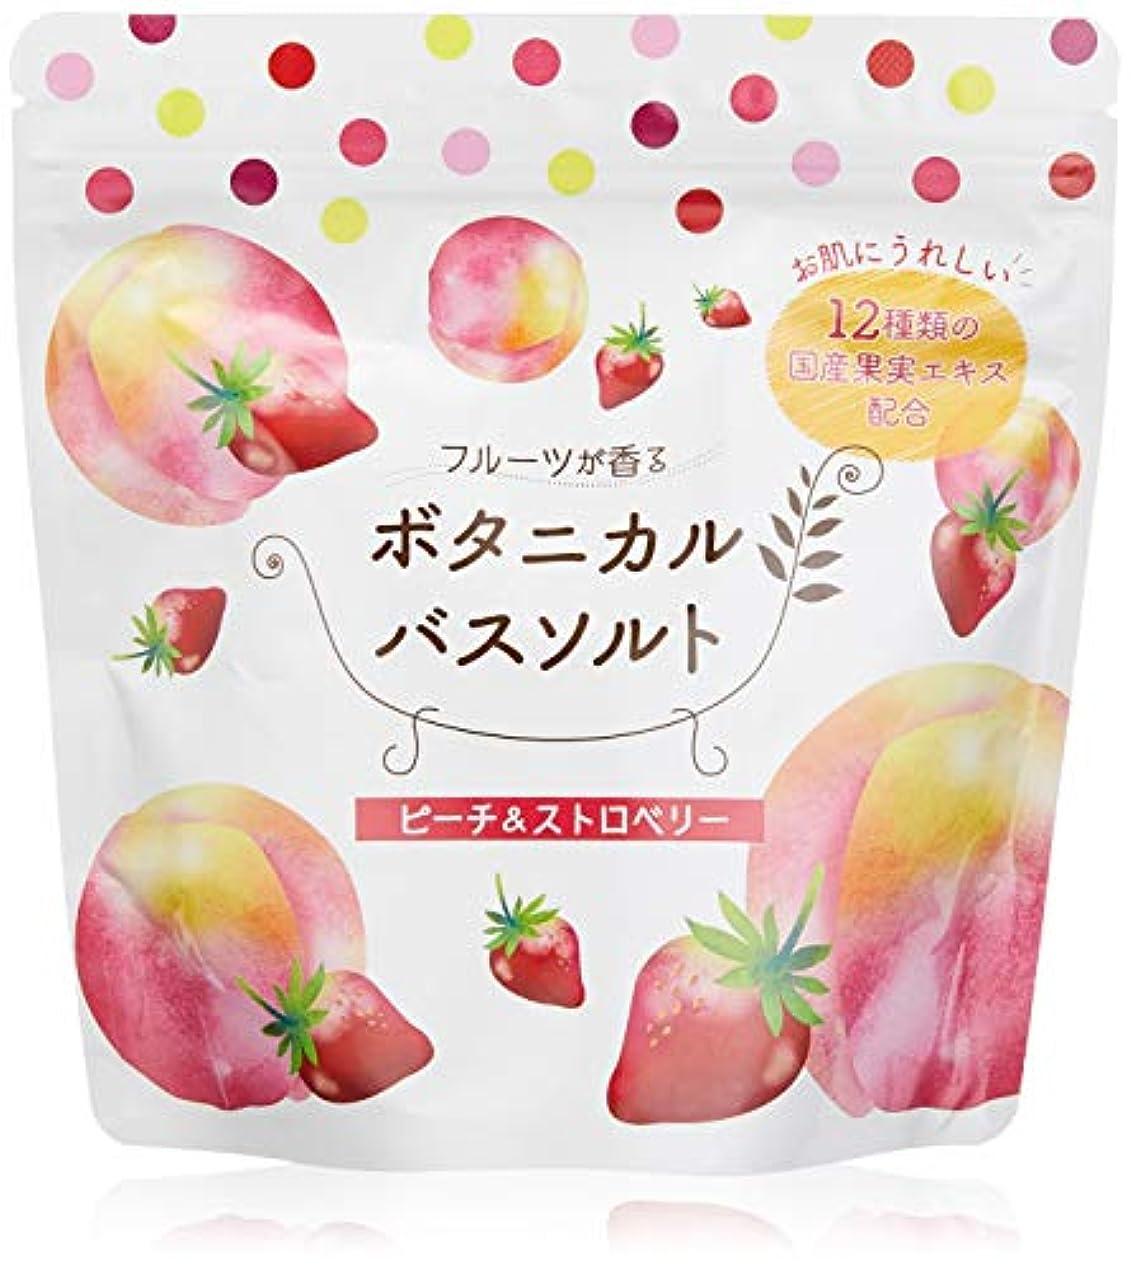 口実おかしい師匠松田医薬品 フルーツが香るボタニカルバスソルト 入浴剤 ピーチ ストロベリー 450g